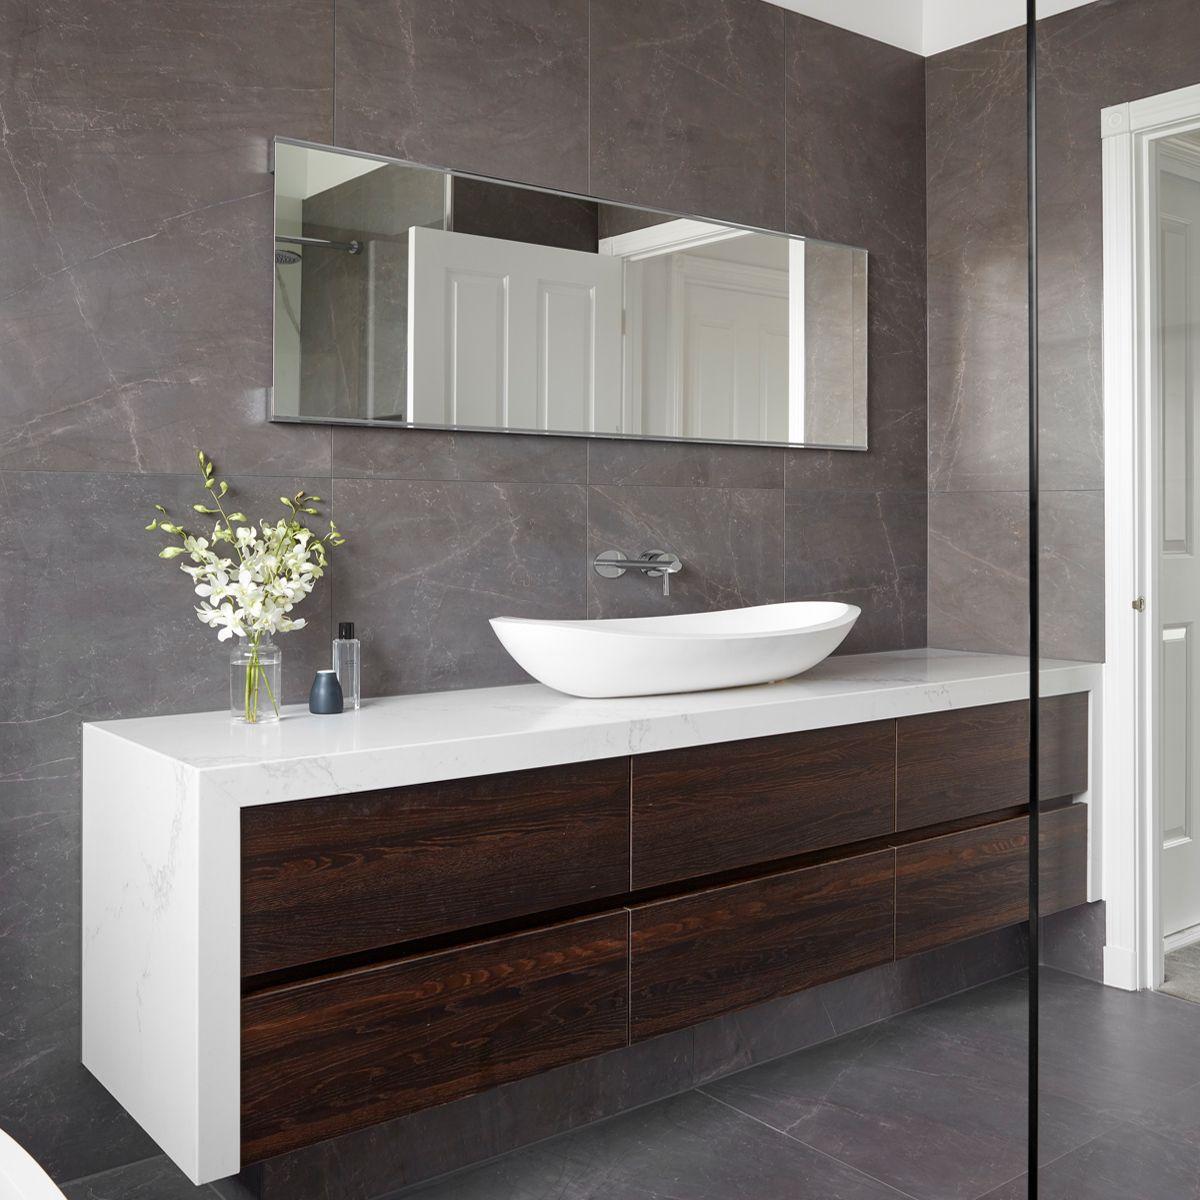 Big Ideas For Small Bathroom - SmarterBATHROOMS+